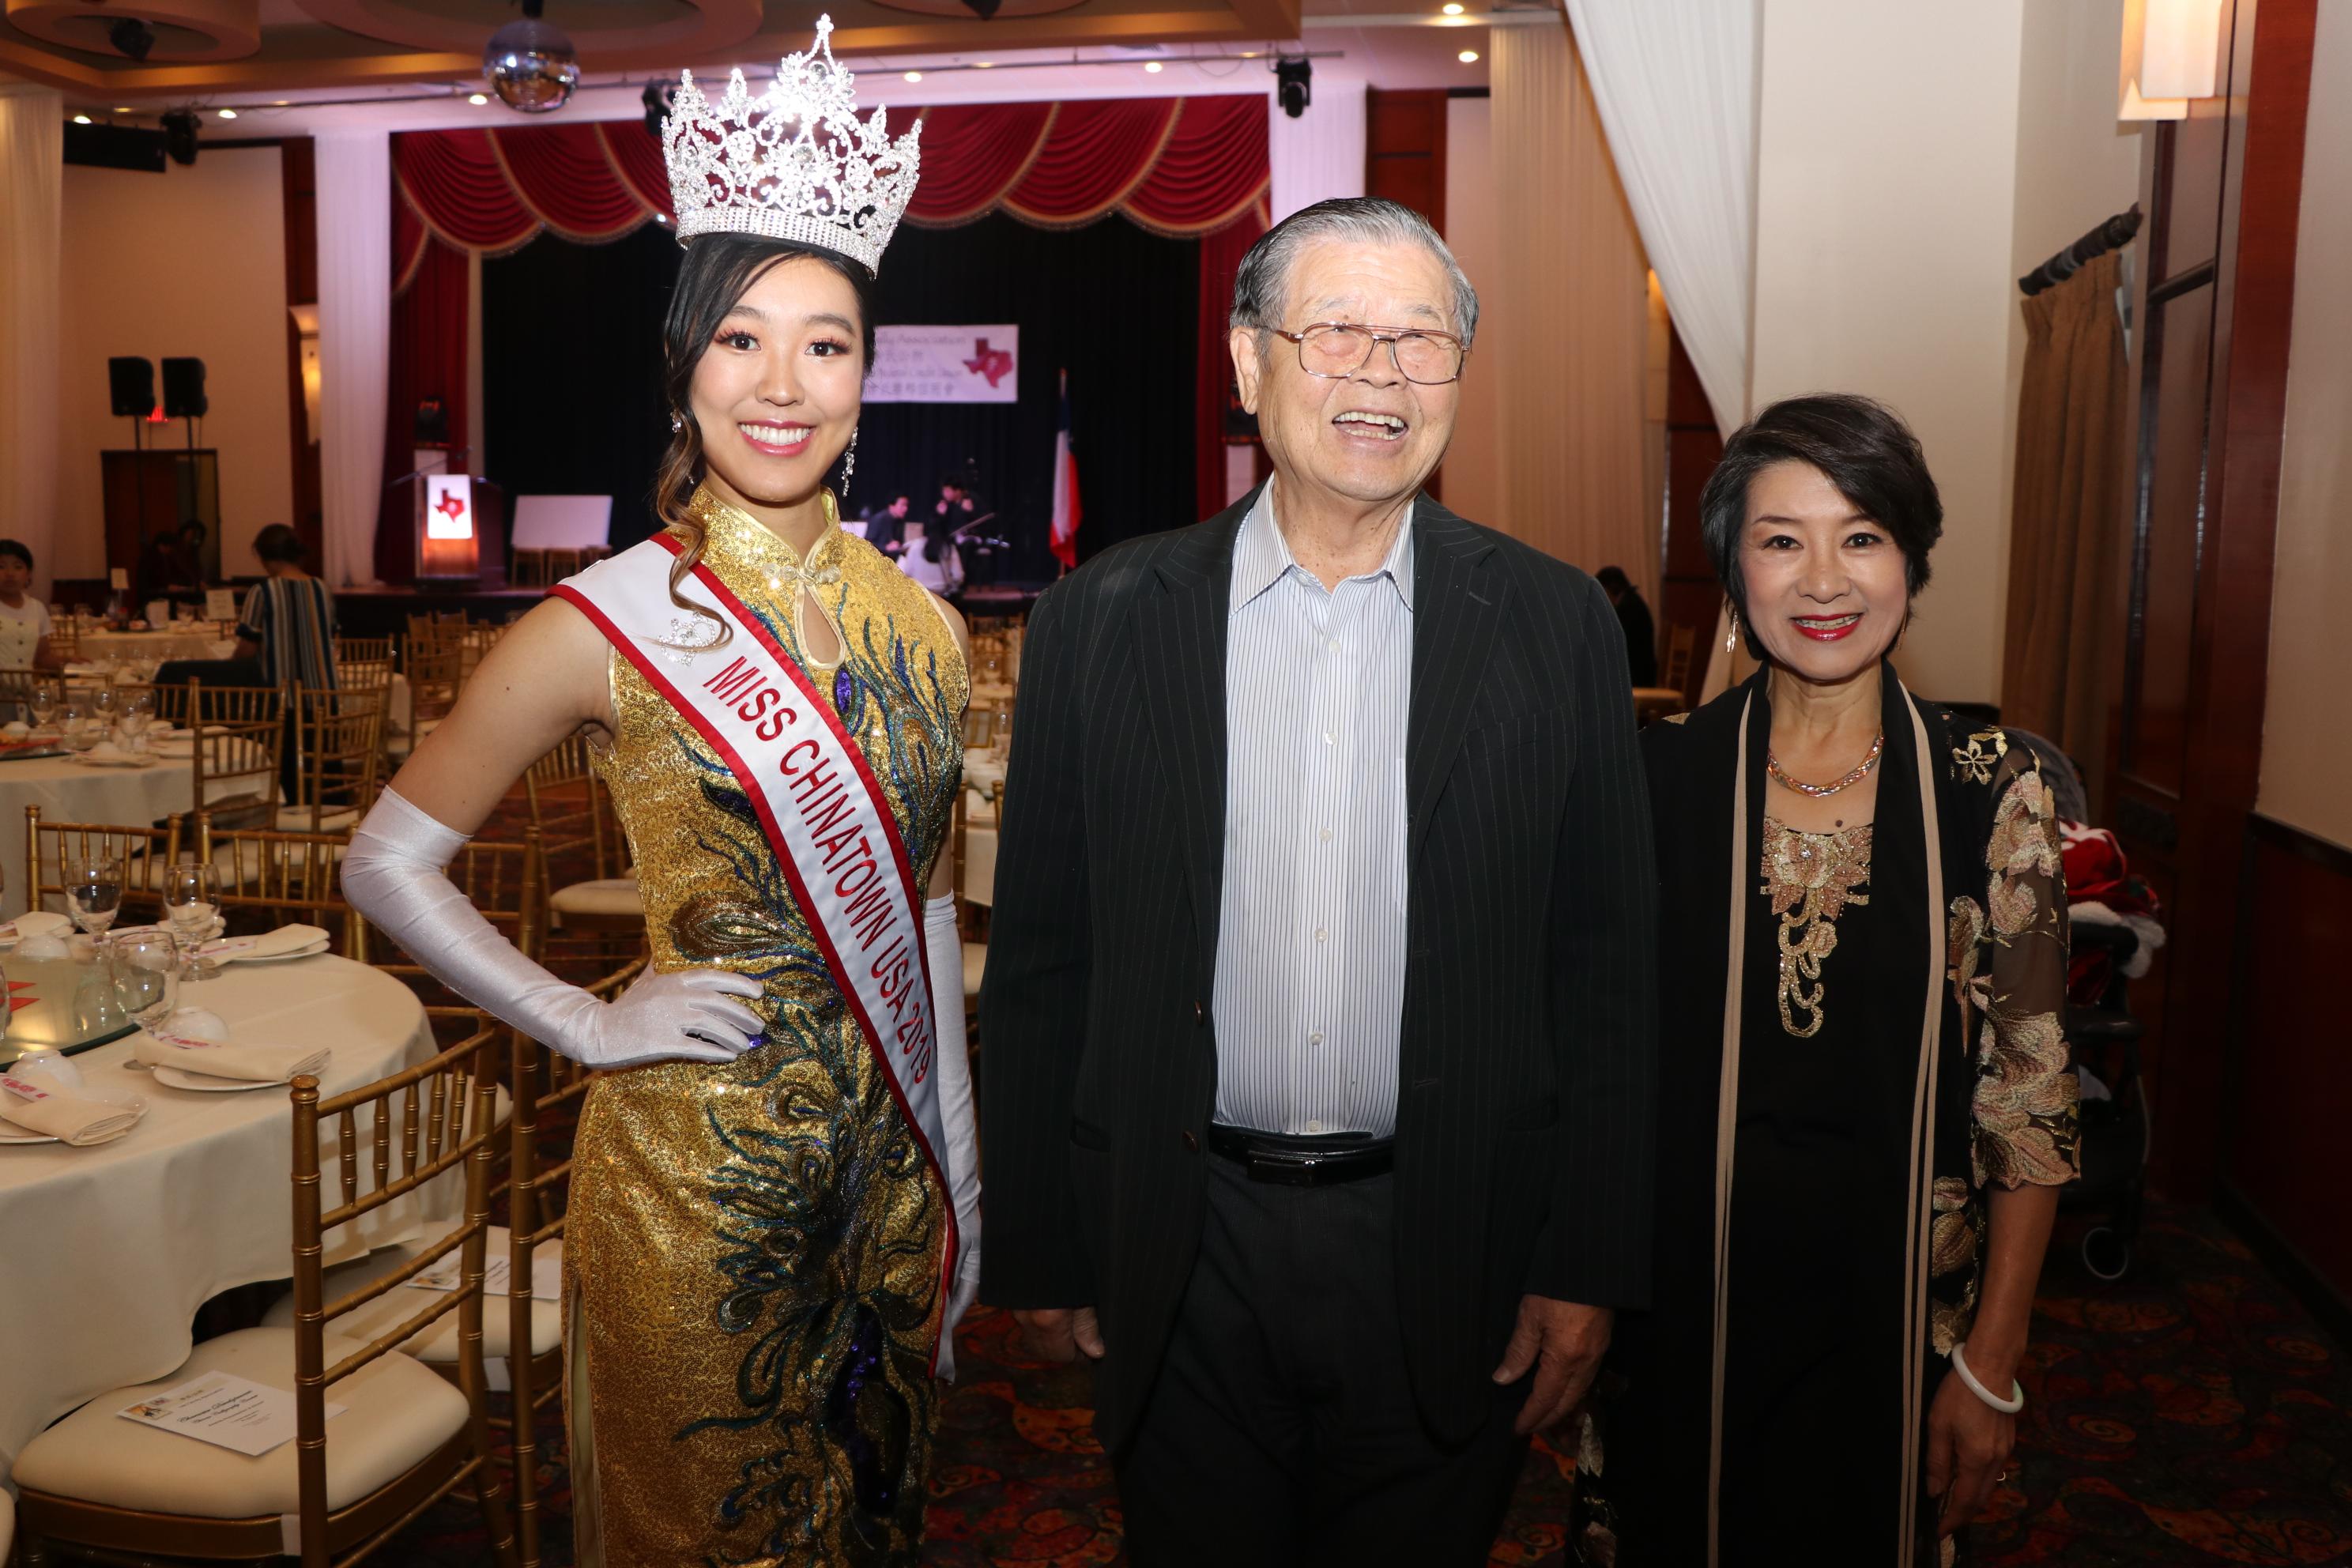 來自舊金山2019年的中國城小姐吳沛琳(左起)、美南銀行董事長李昭寬、台灣前知名演員皮梅化相見歡。